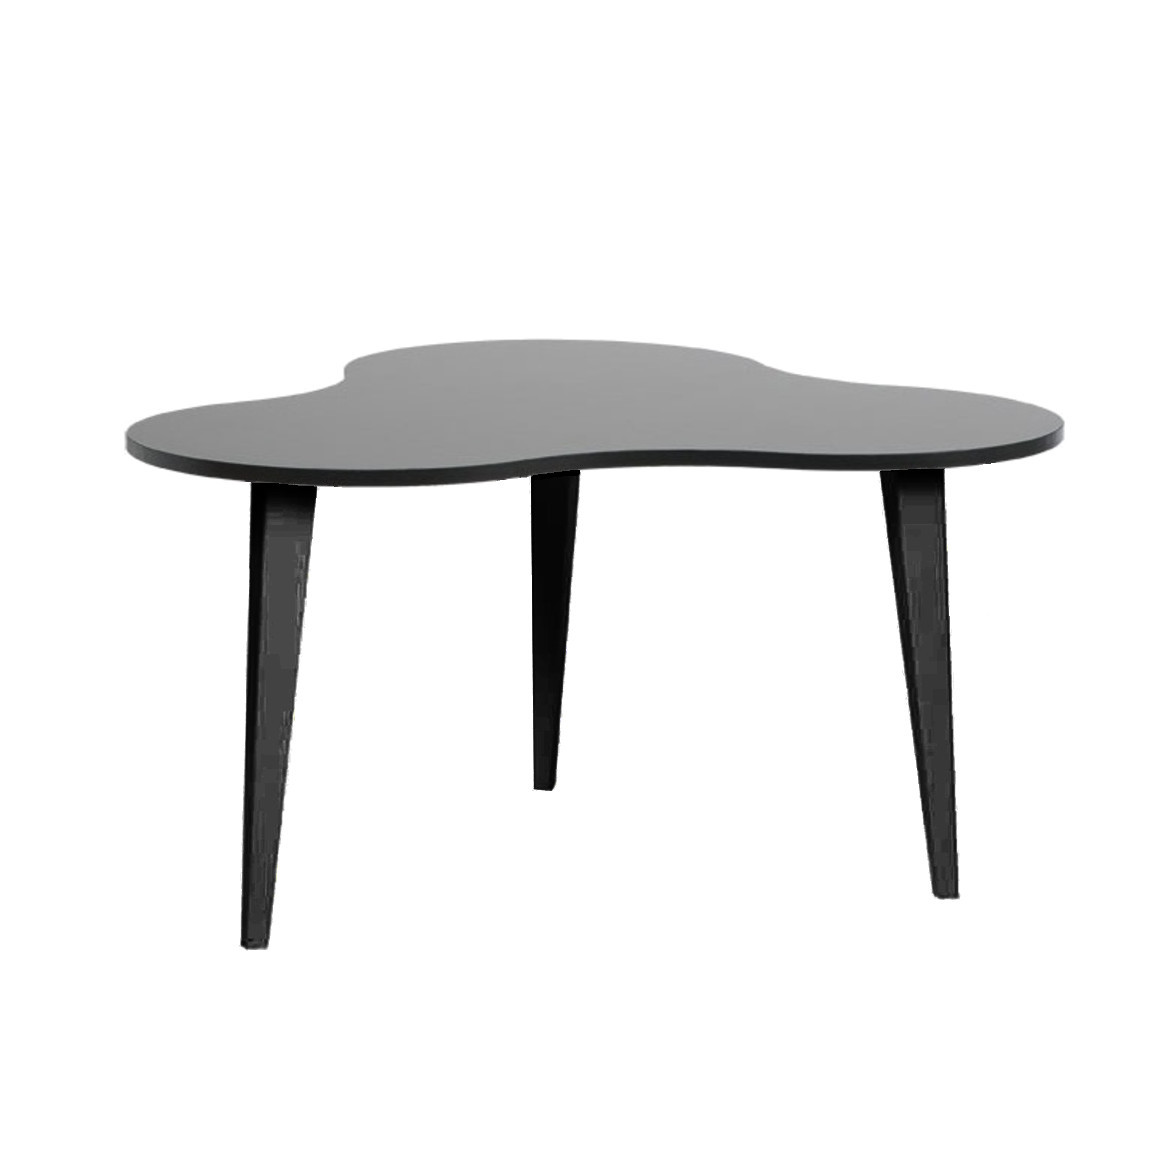 Luna 4 sohvapöytä musta/mustat puujalat